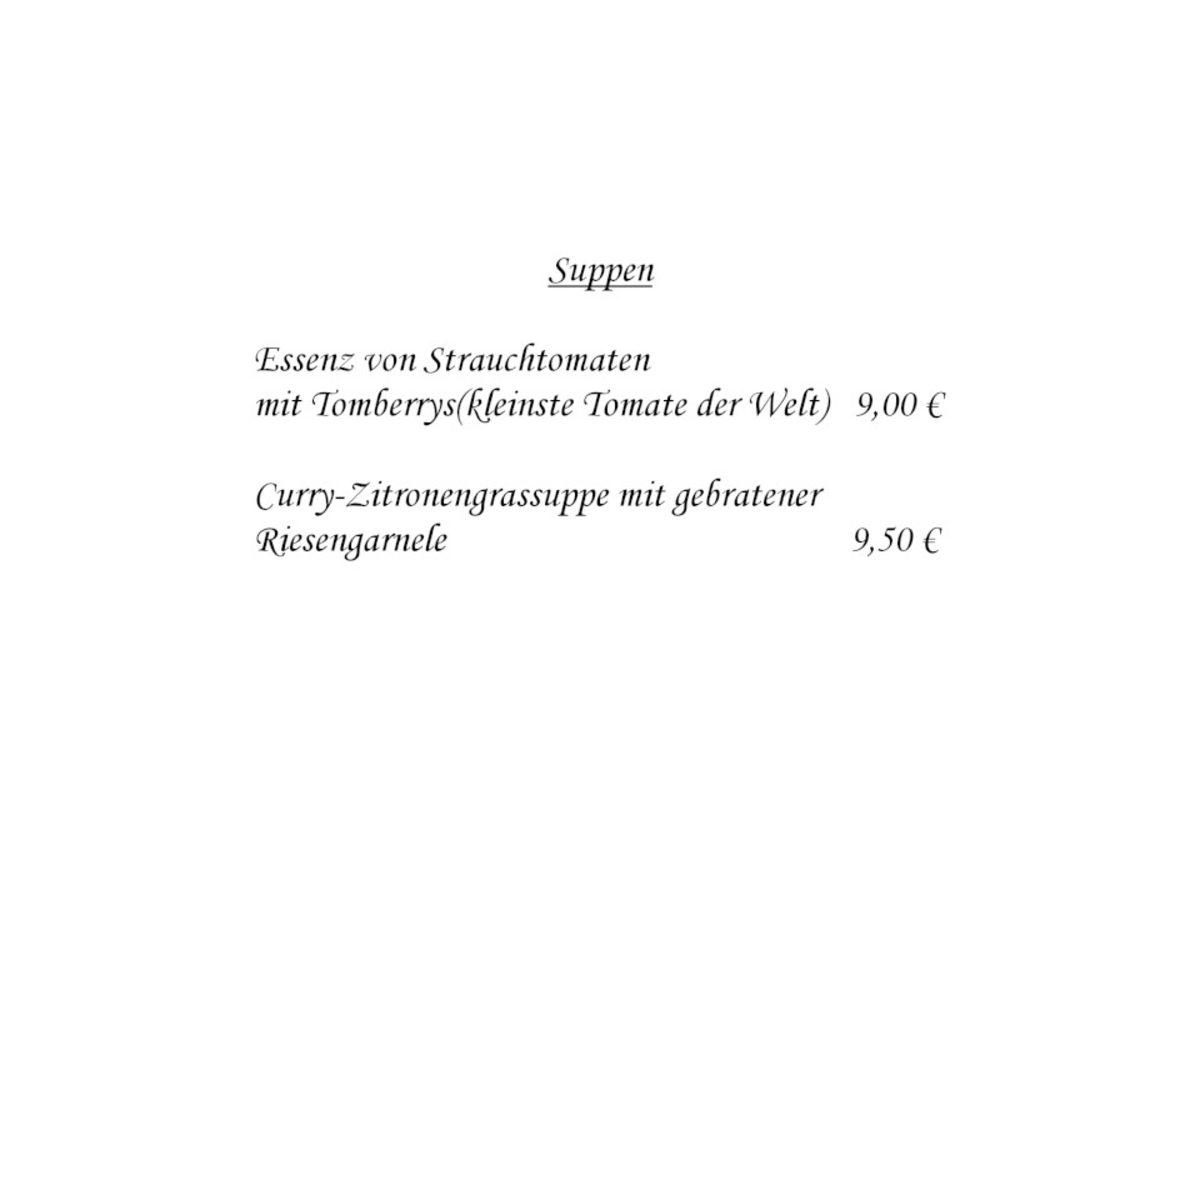 Gemütlich Küche Und Bad Lösungen New Braunfels Bilder - Küchen ...